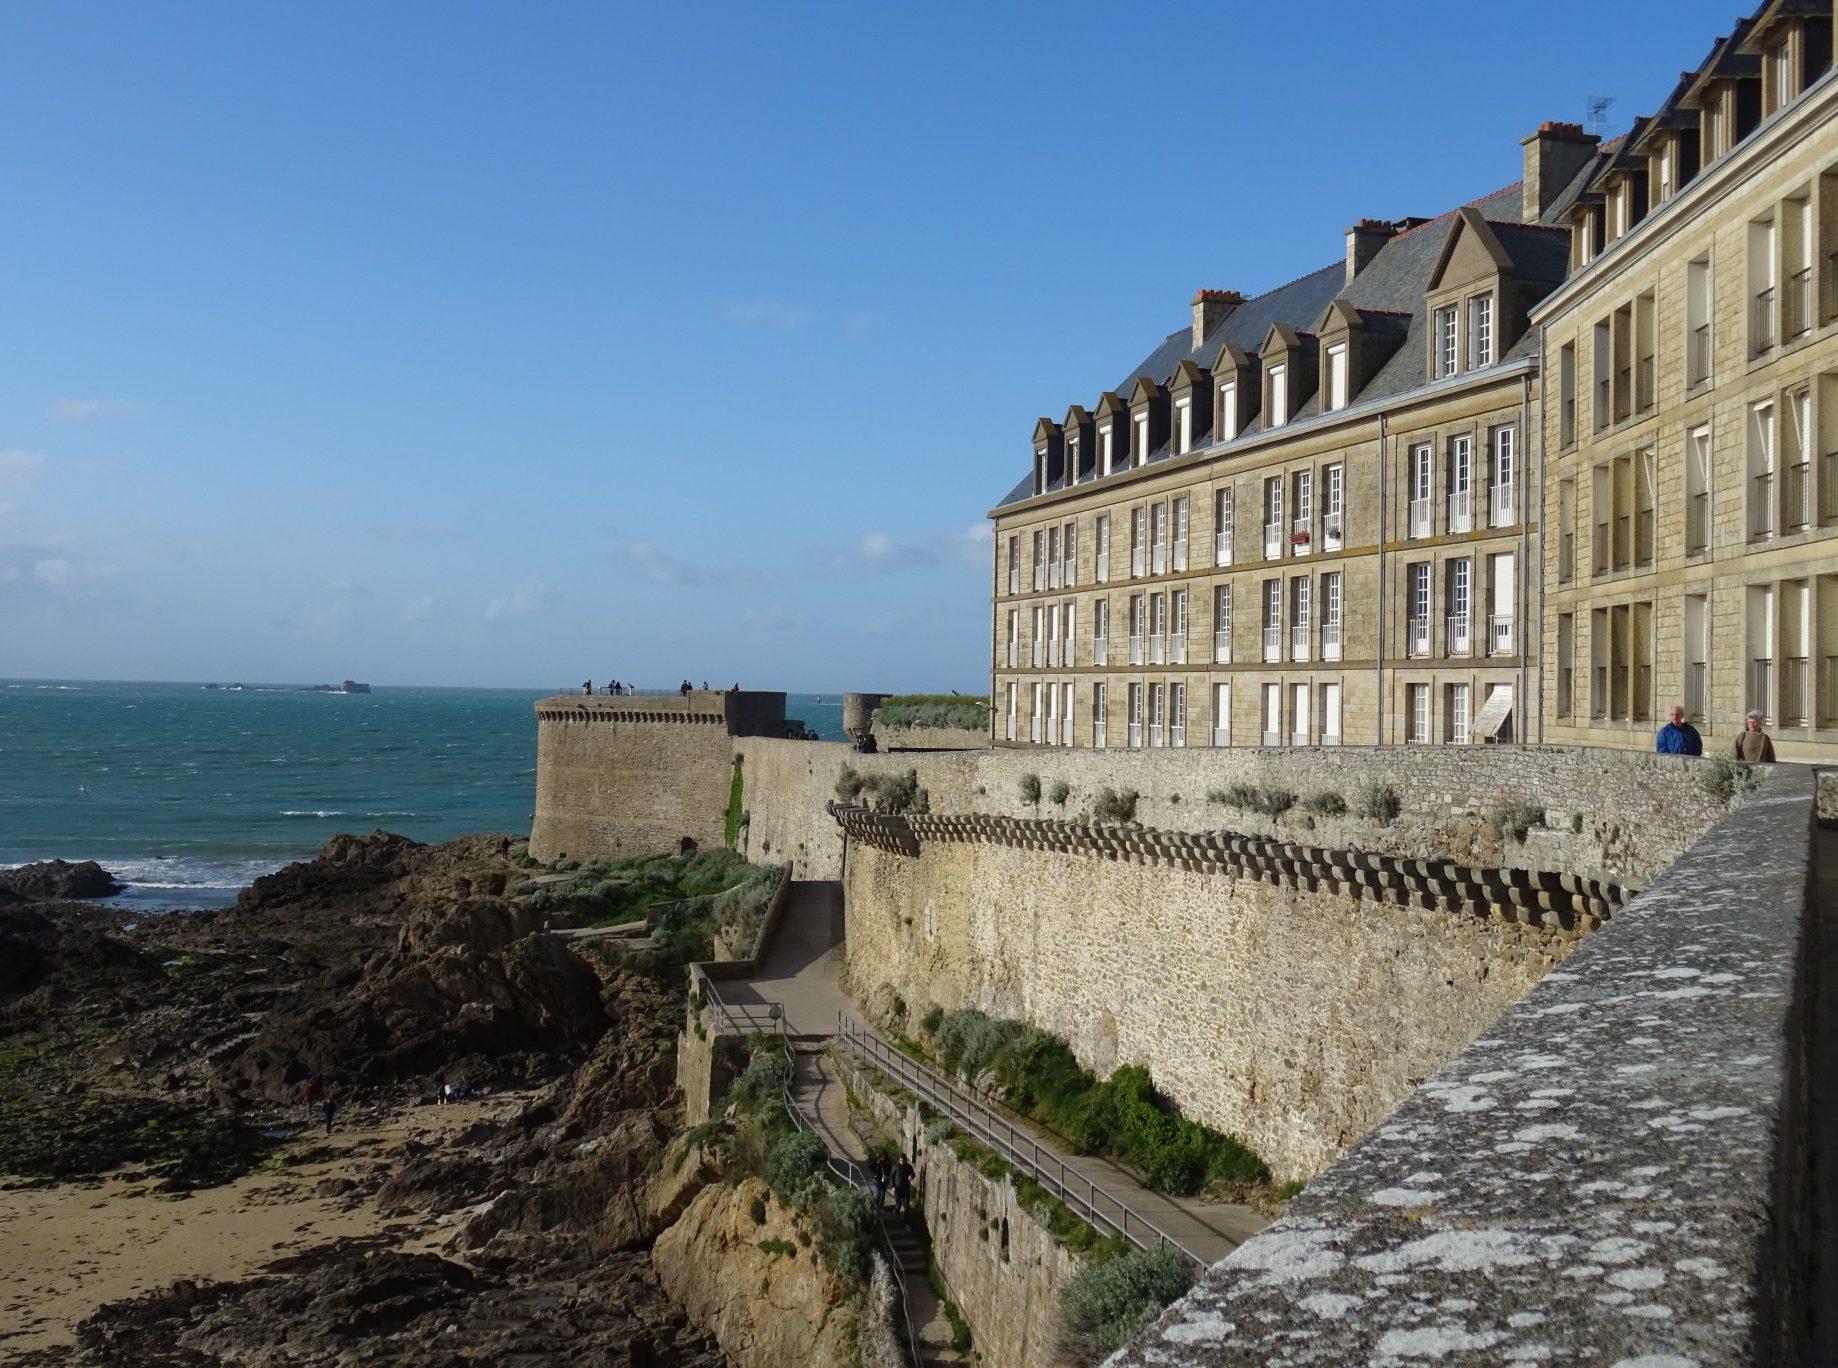 Viaggio in Bretagna: dai bastioni di Saint Malo alle ostriche di ...